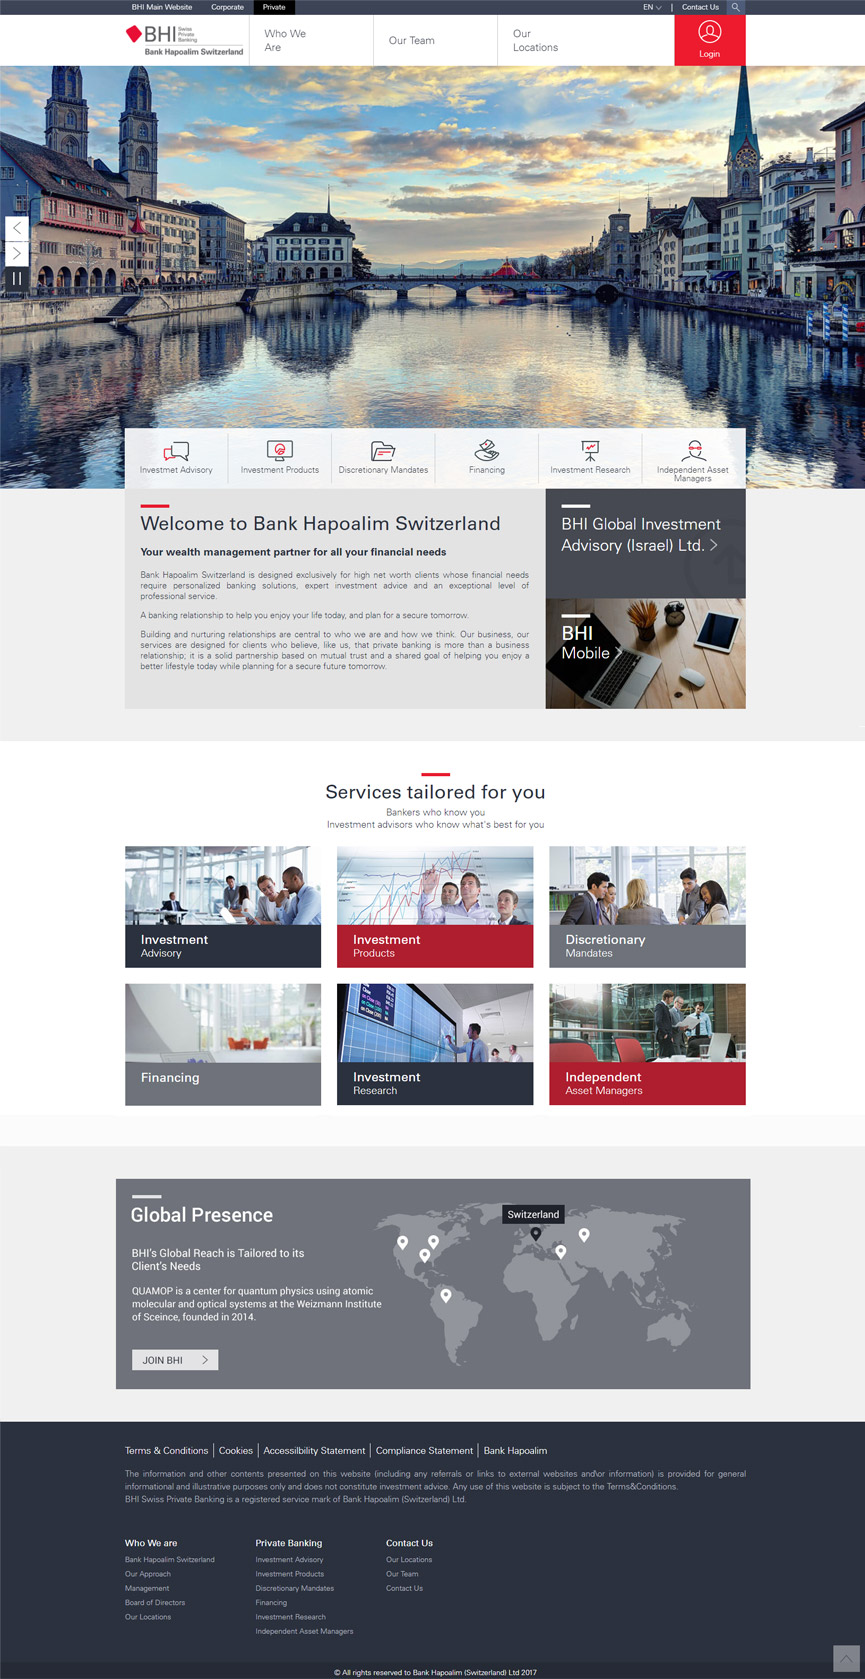 BHI Private banking - Switzerland Homepage